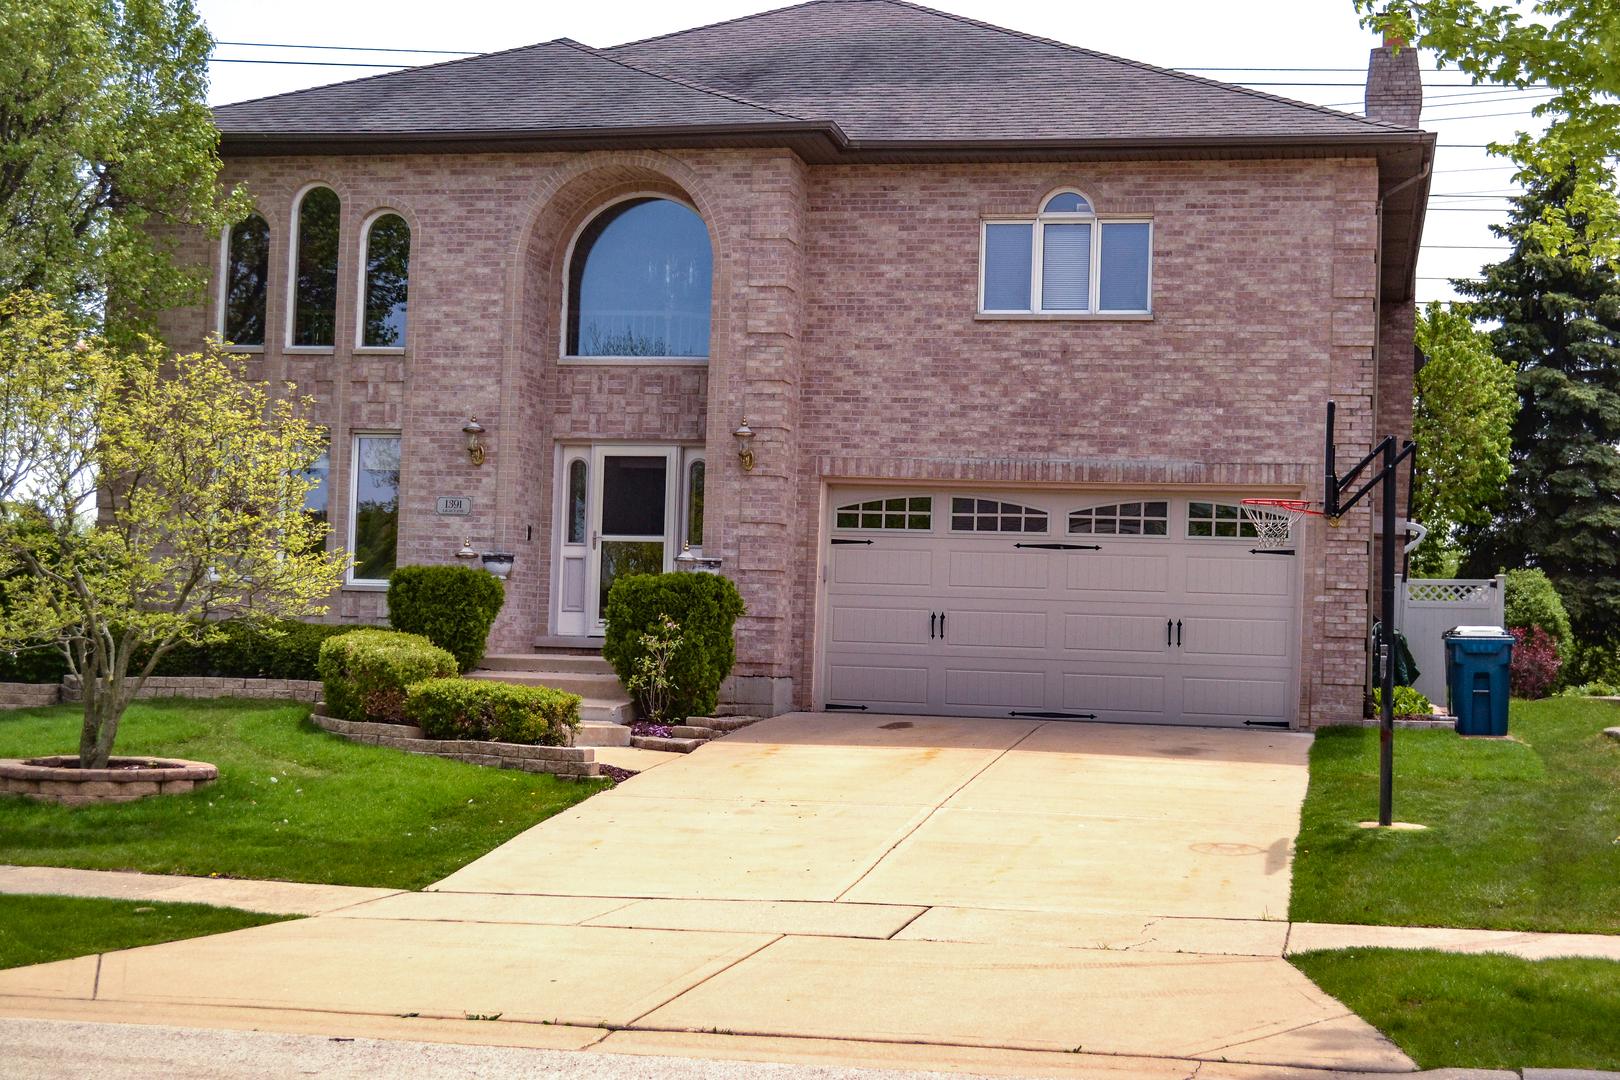 1391 Lilac Lane, Addison IL 60101